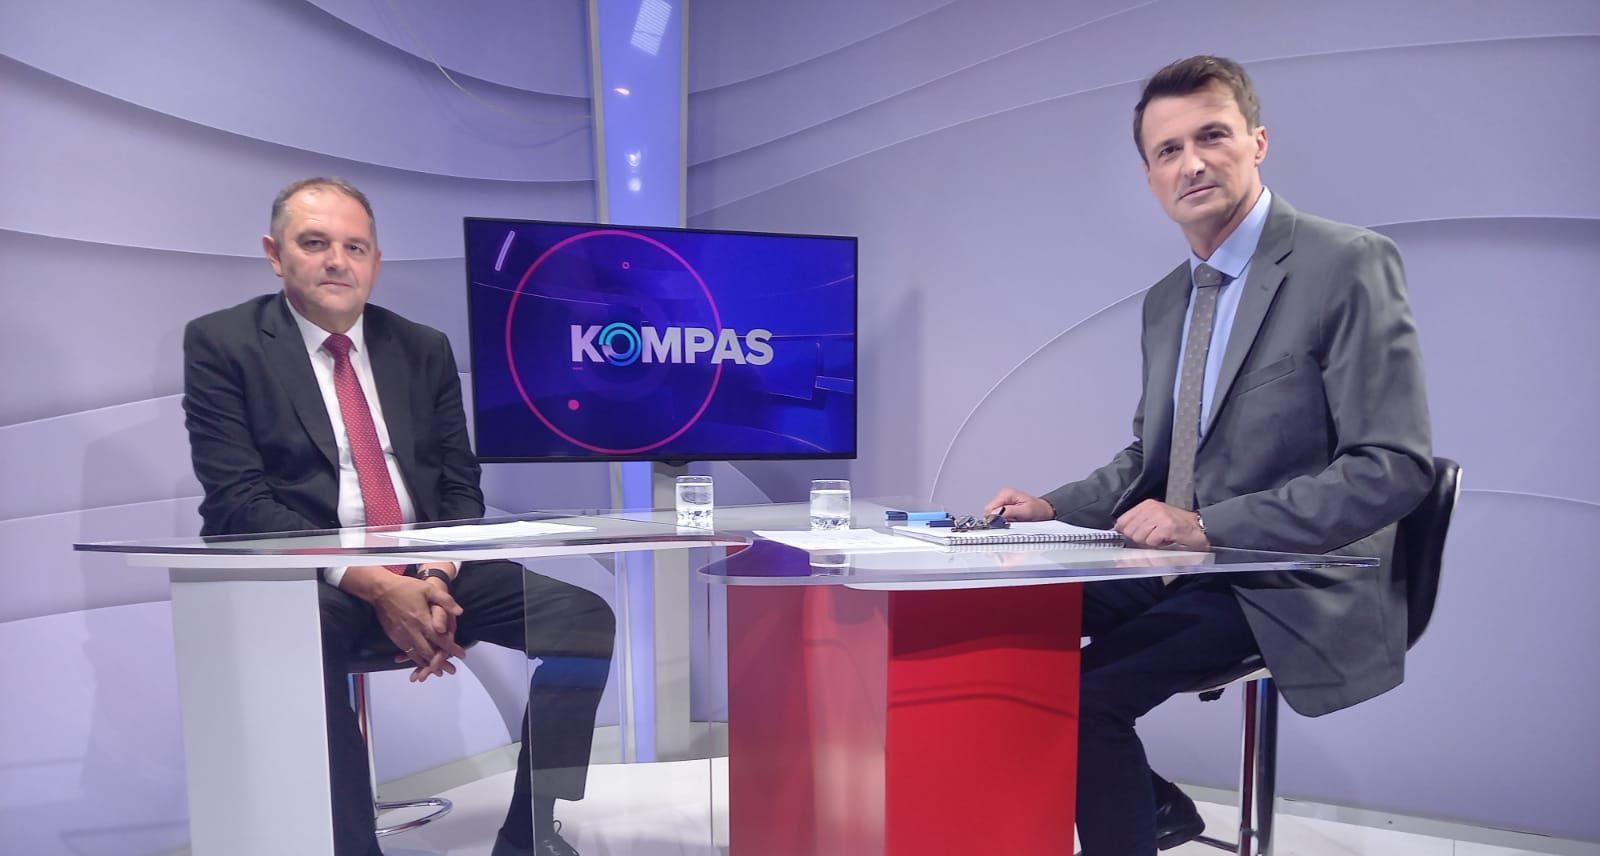 Tomislav Martinović za Kompas: Sarajevskoj čaršiji OHR nekad odgovara nekad ne, a bez izmjena zakona nema izbora